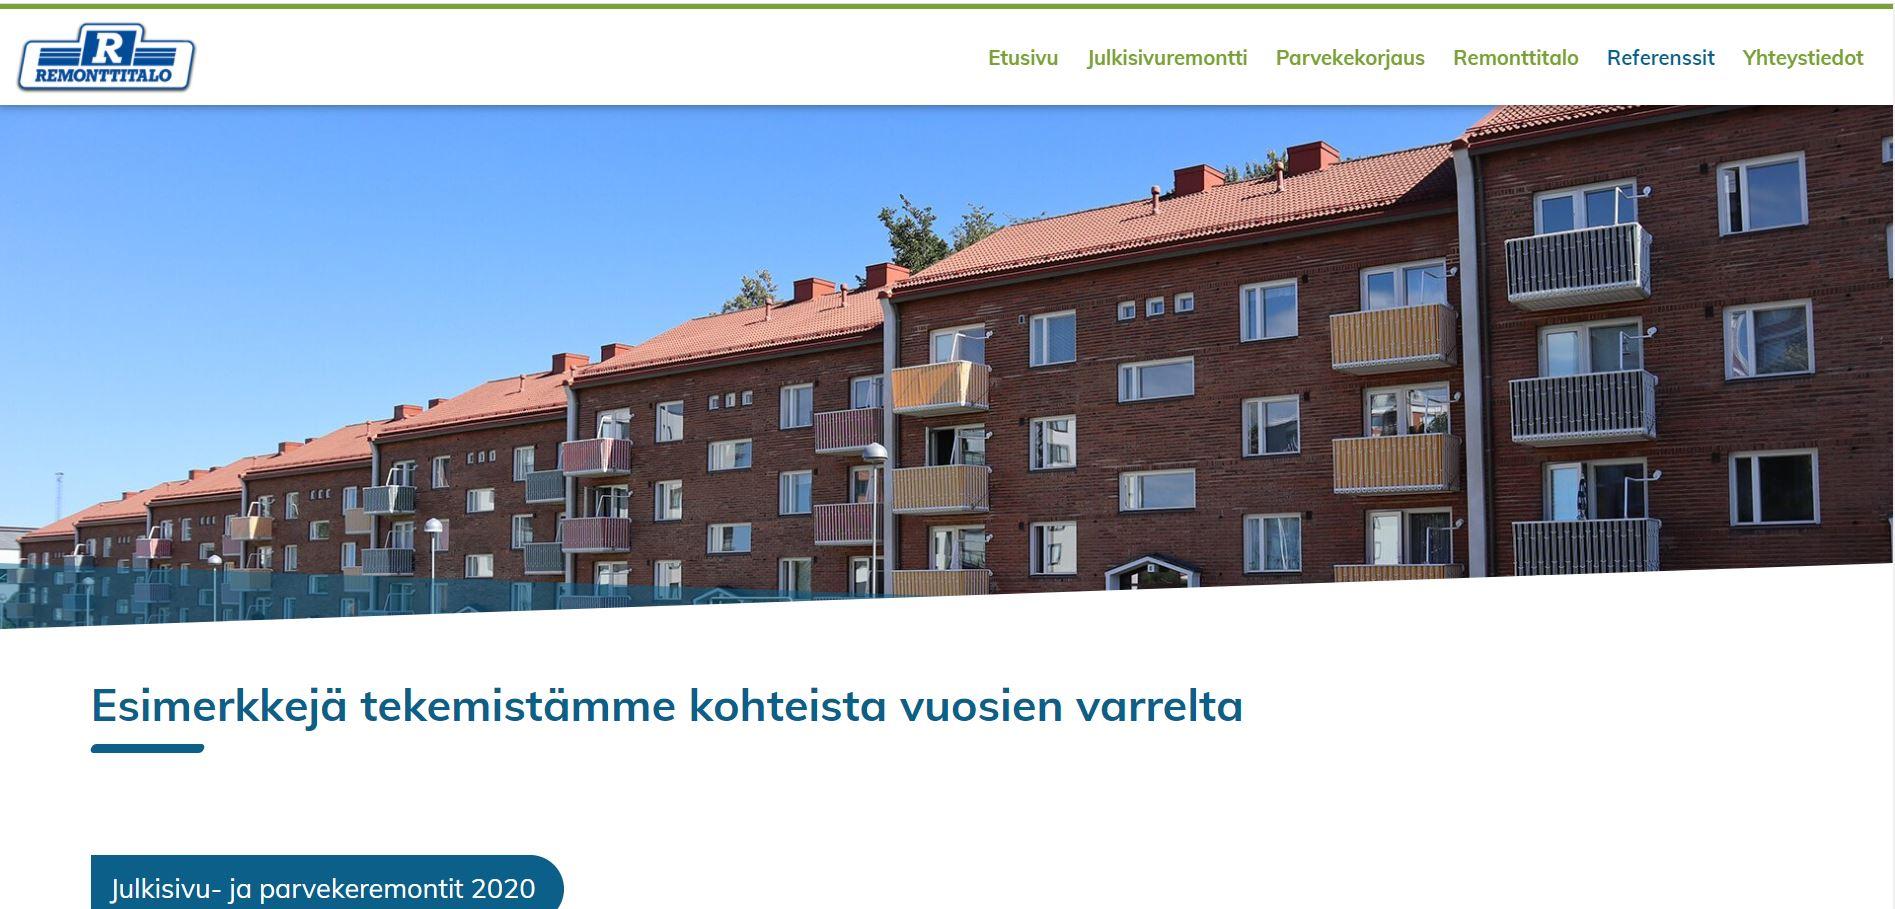 Uudistimme Remonttitalo.com-sivuston, mutta miksi?